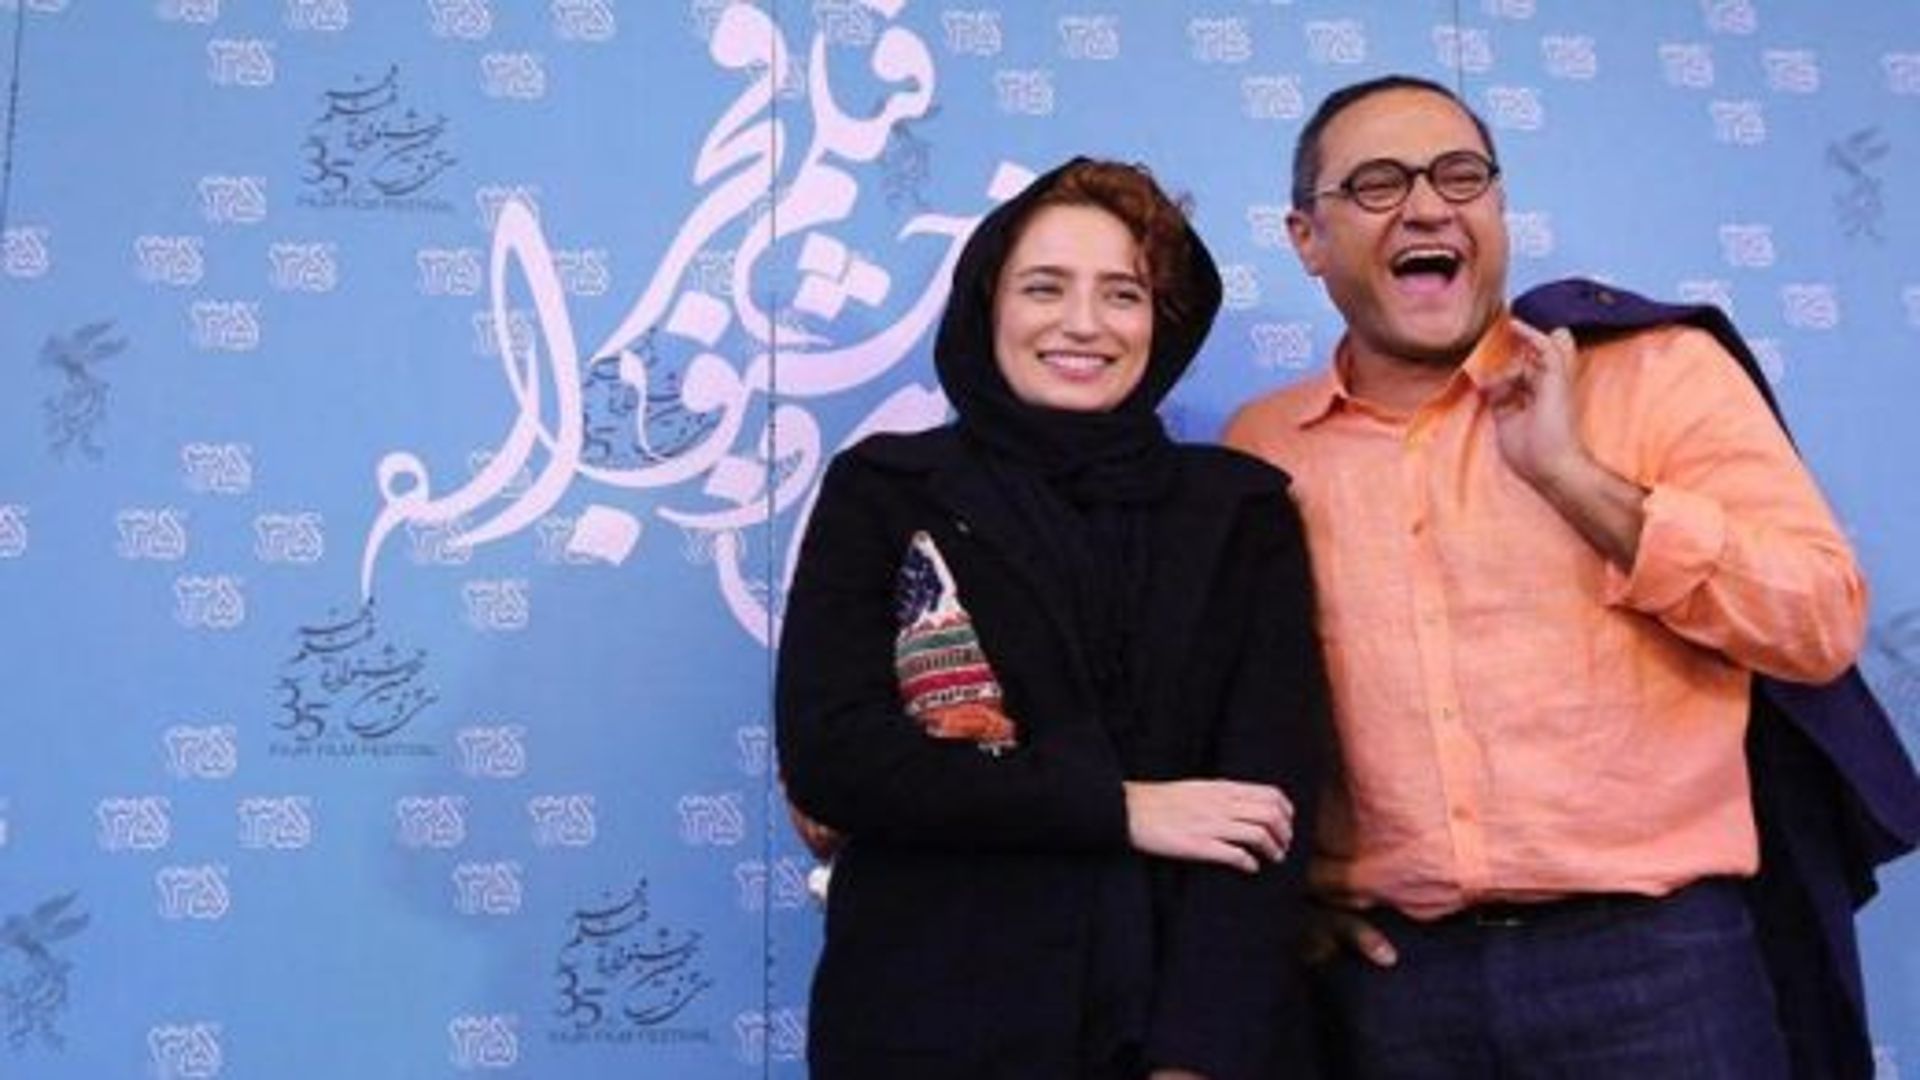 جشنواره فیلم فجر | تگ